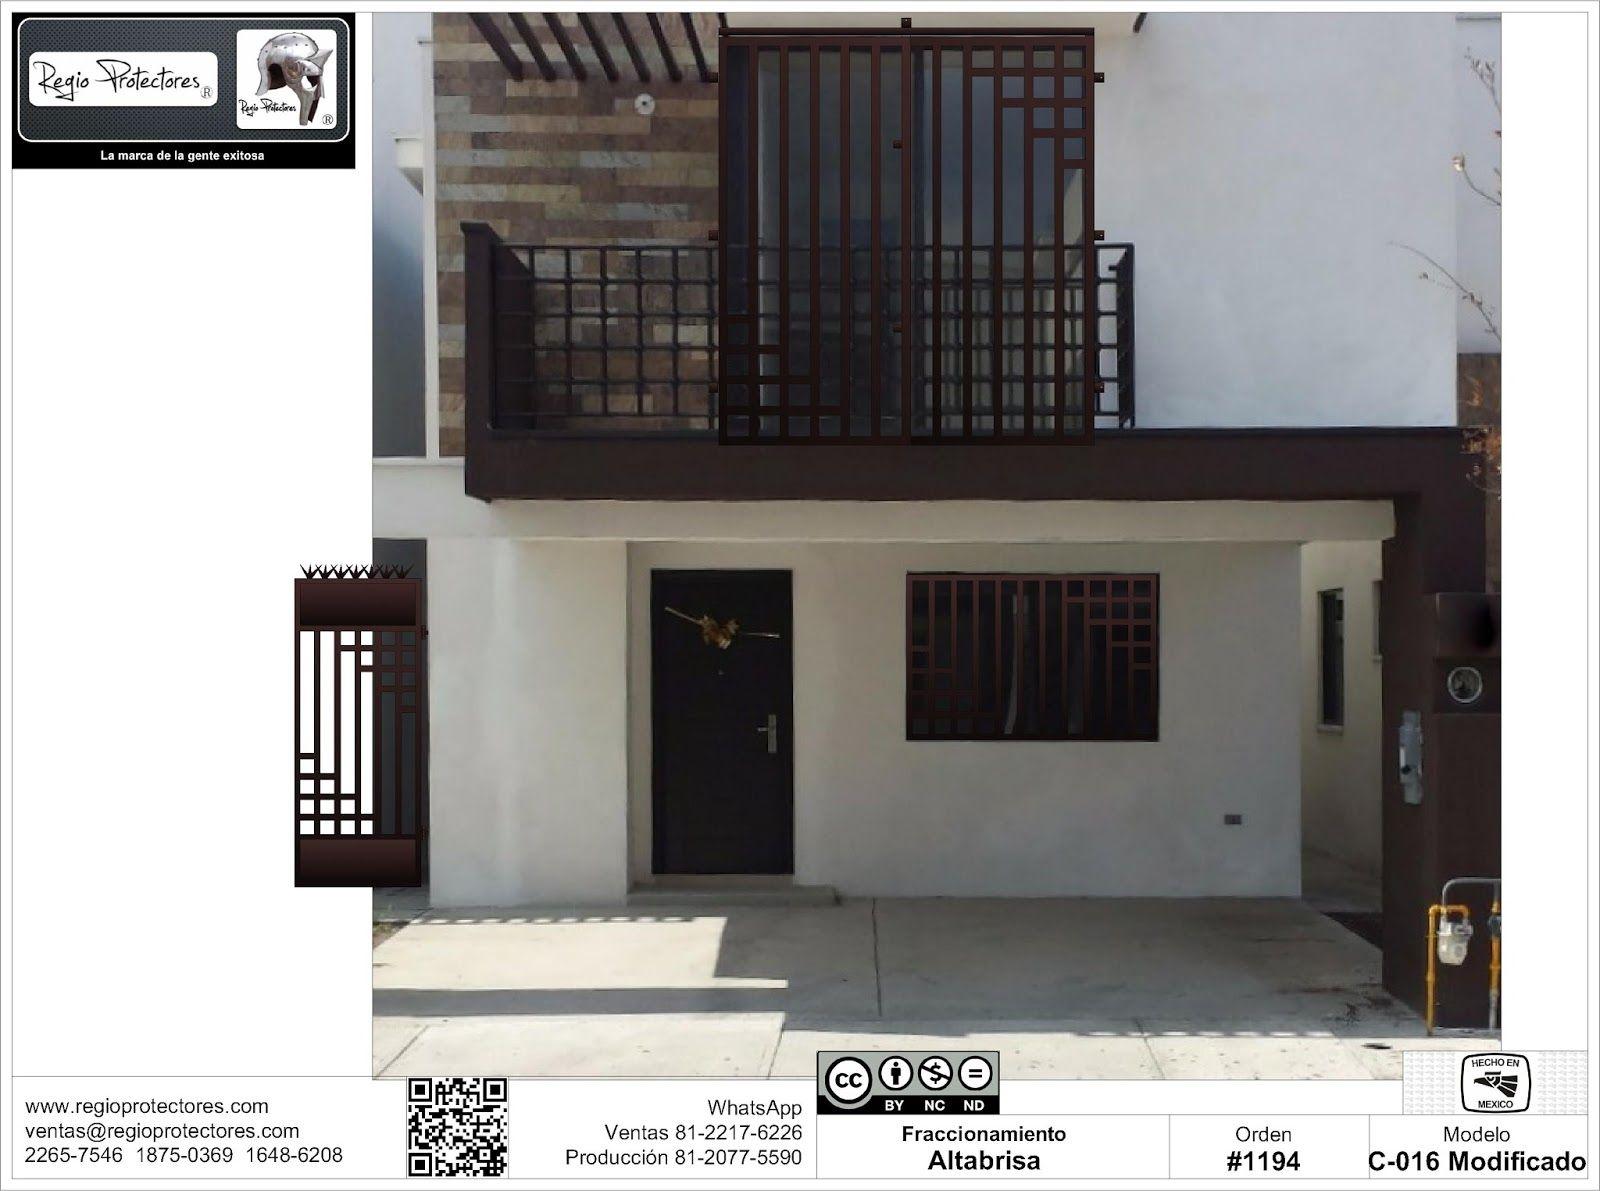 Regio protectores protectores para ventanas puertas for Casas contemporaneas modernas